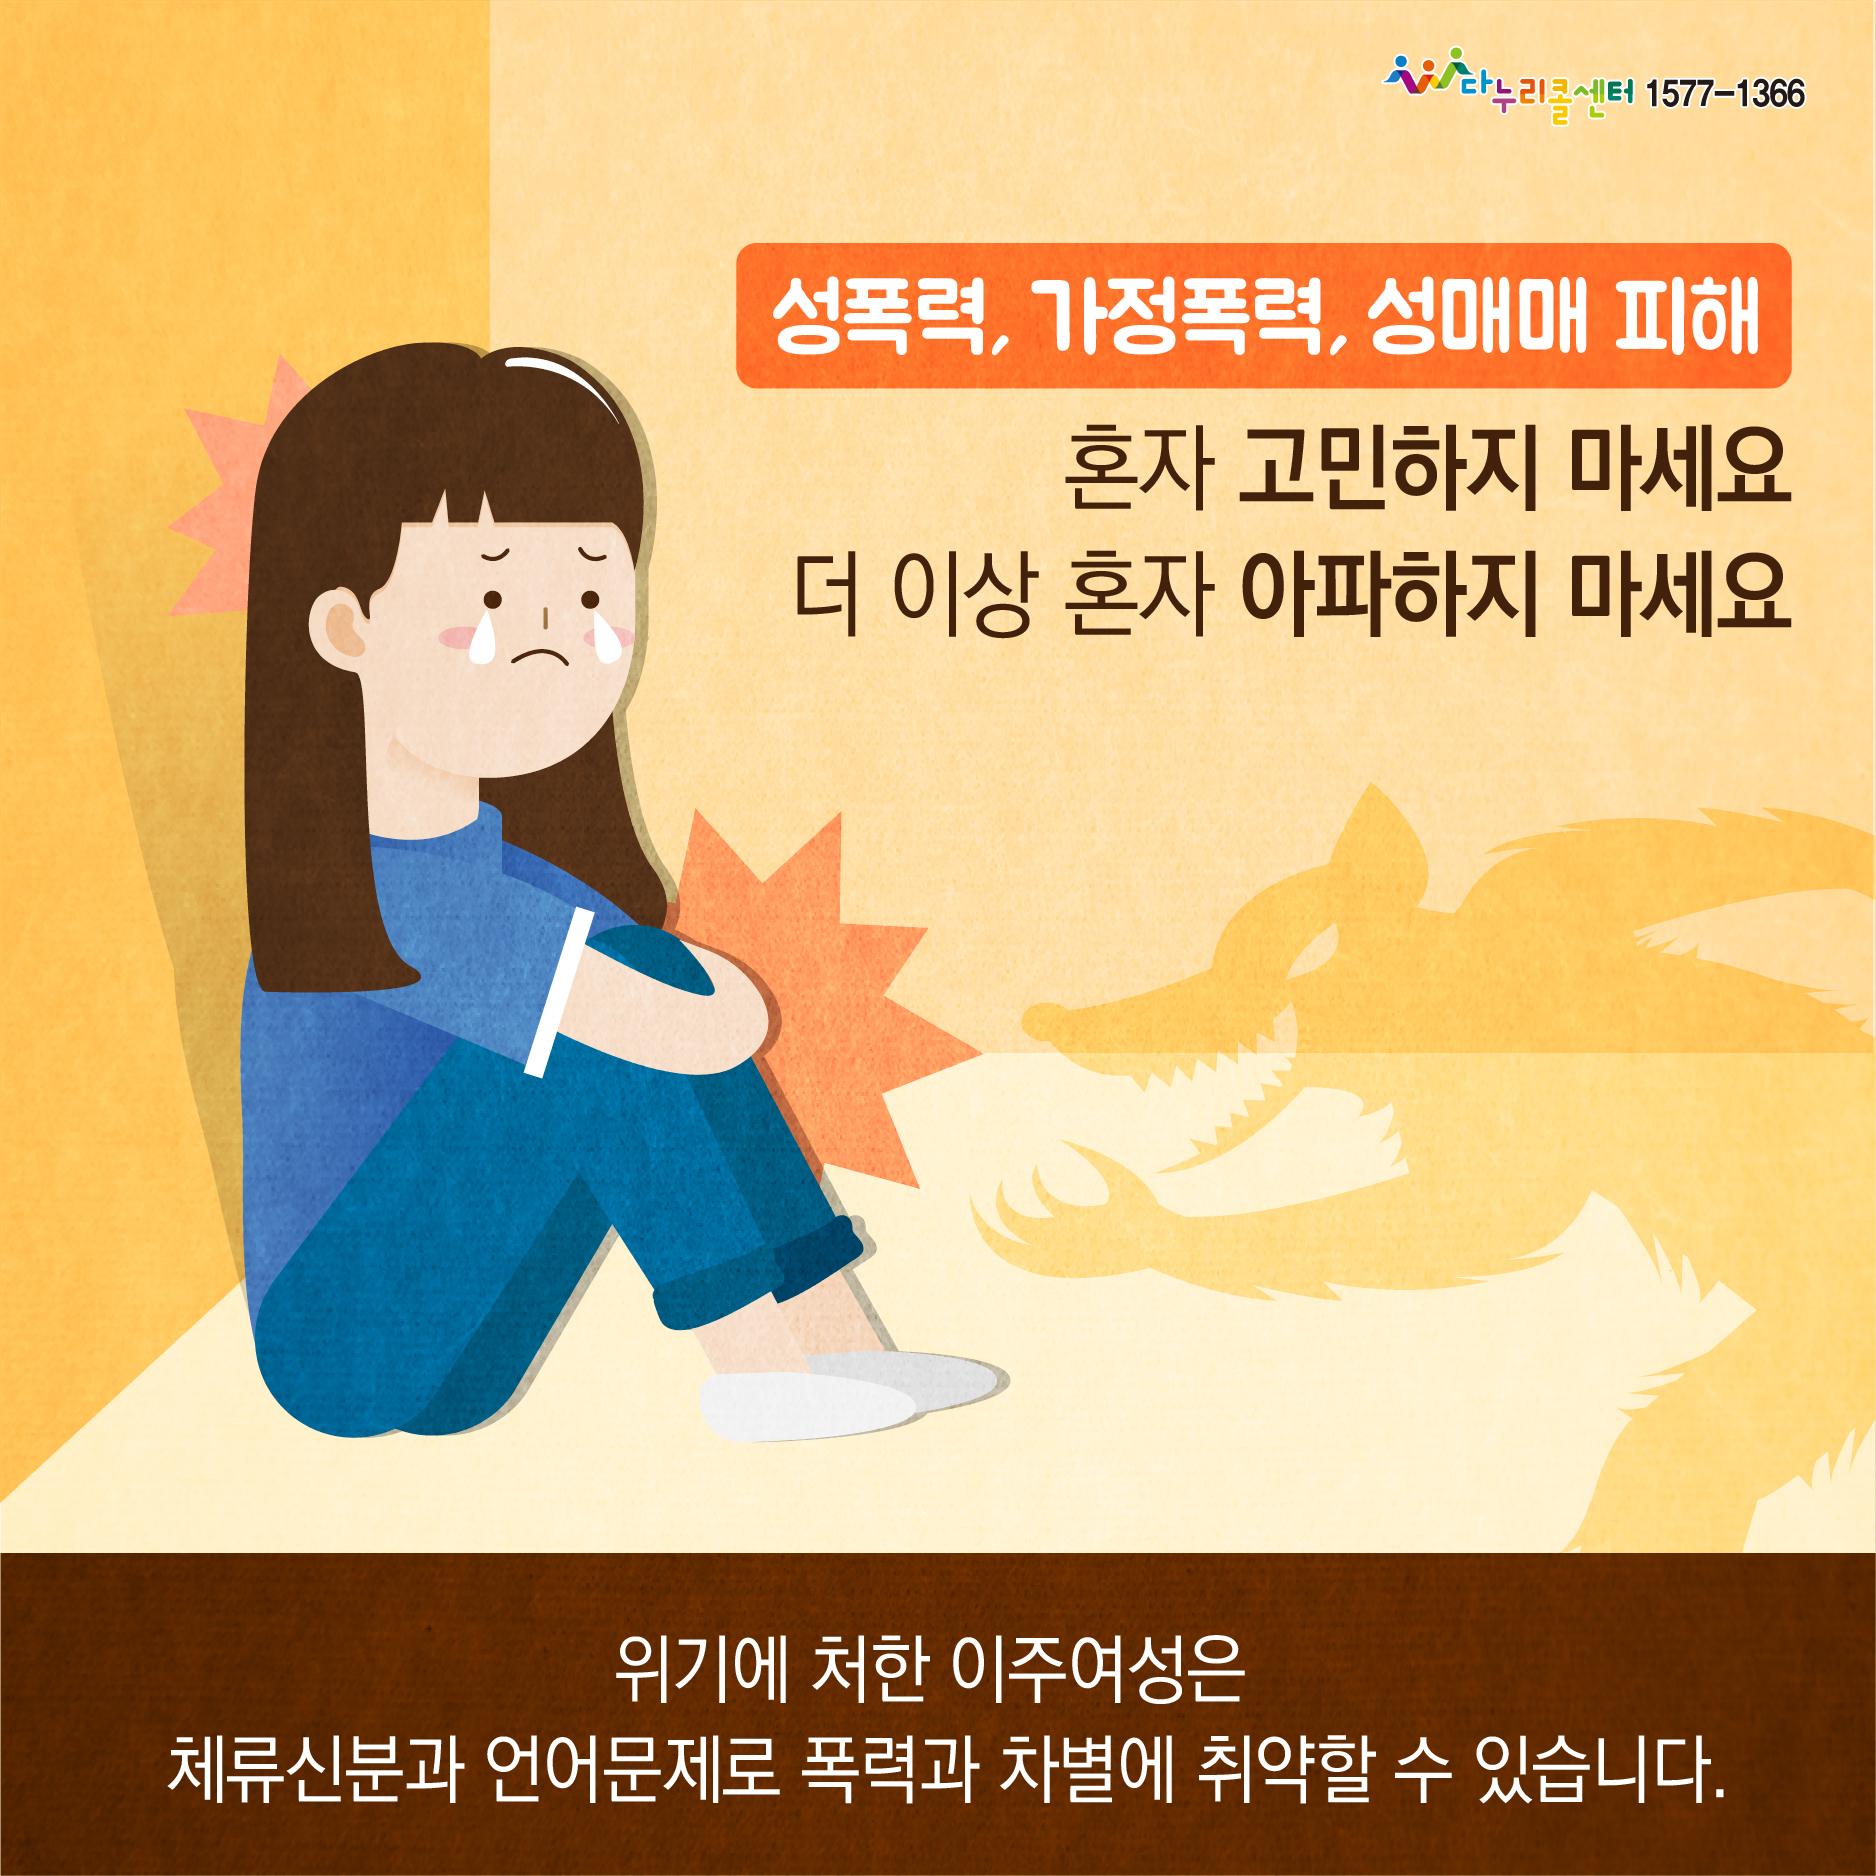 [카드뉴스] 다누리콜센터1577-1366 이주여성 폭력피해 긴급지원 안내(한국어)_2